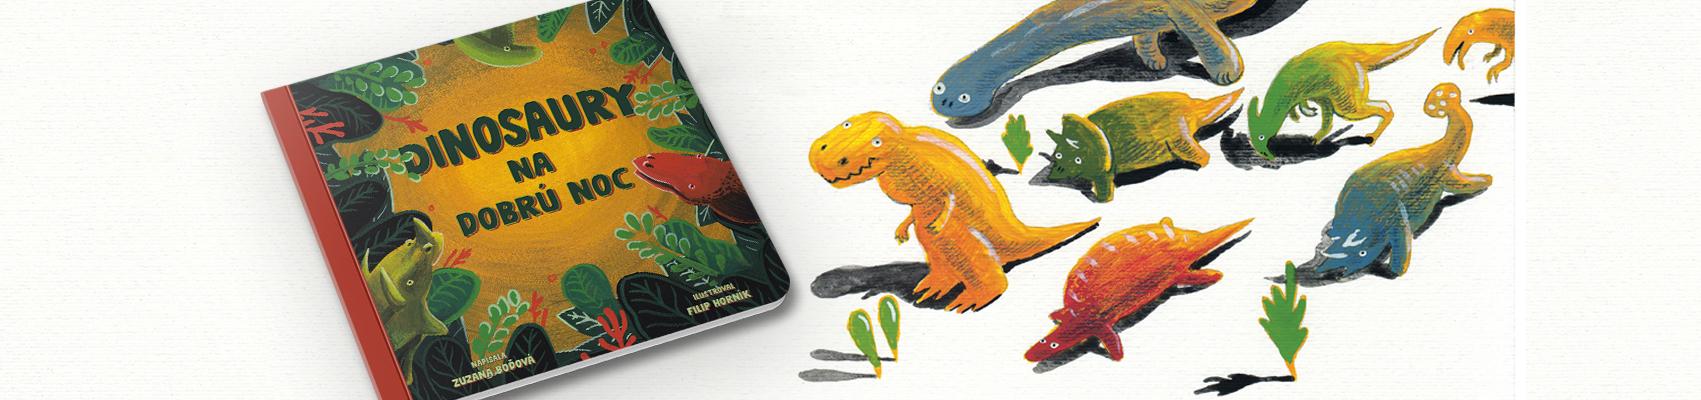 dinosaury-na-dobru-noc